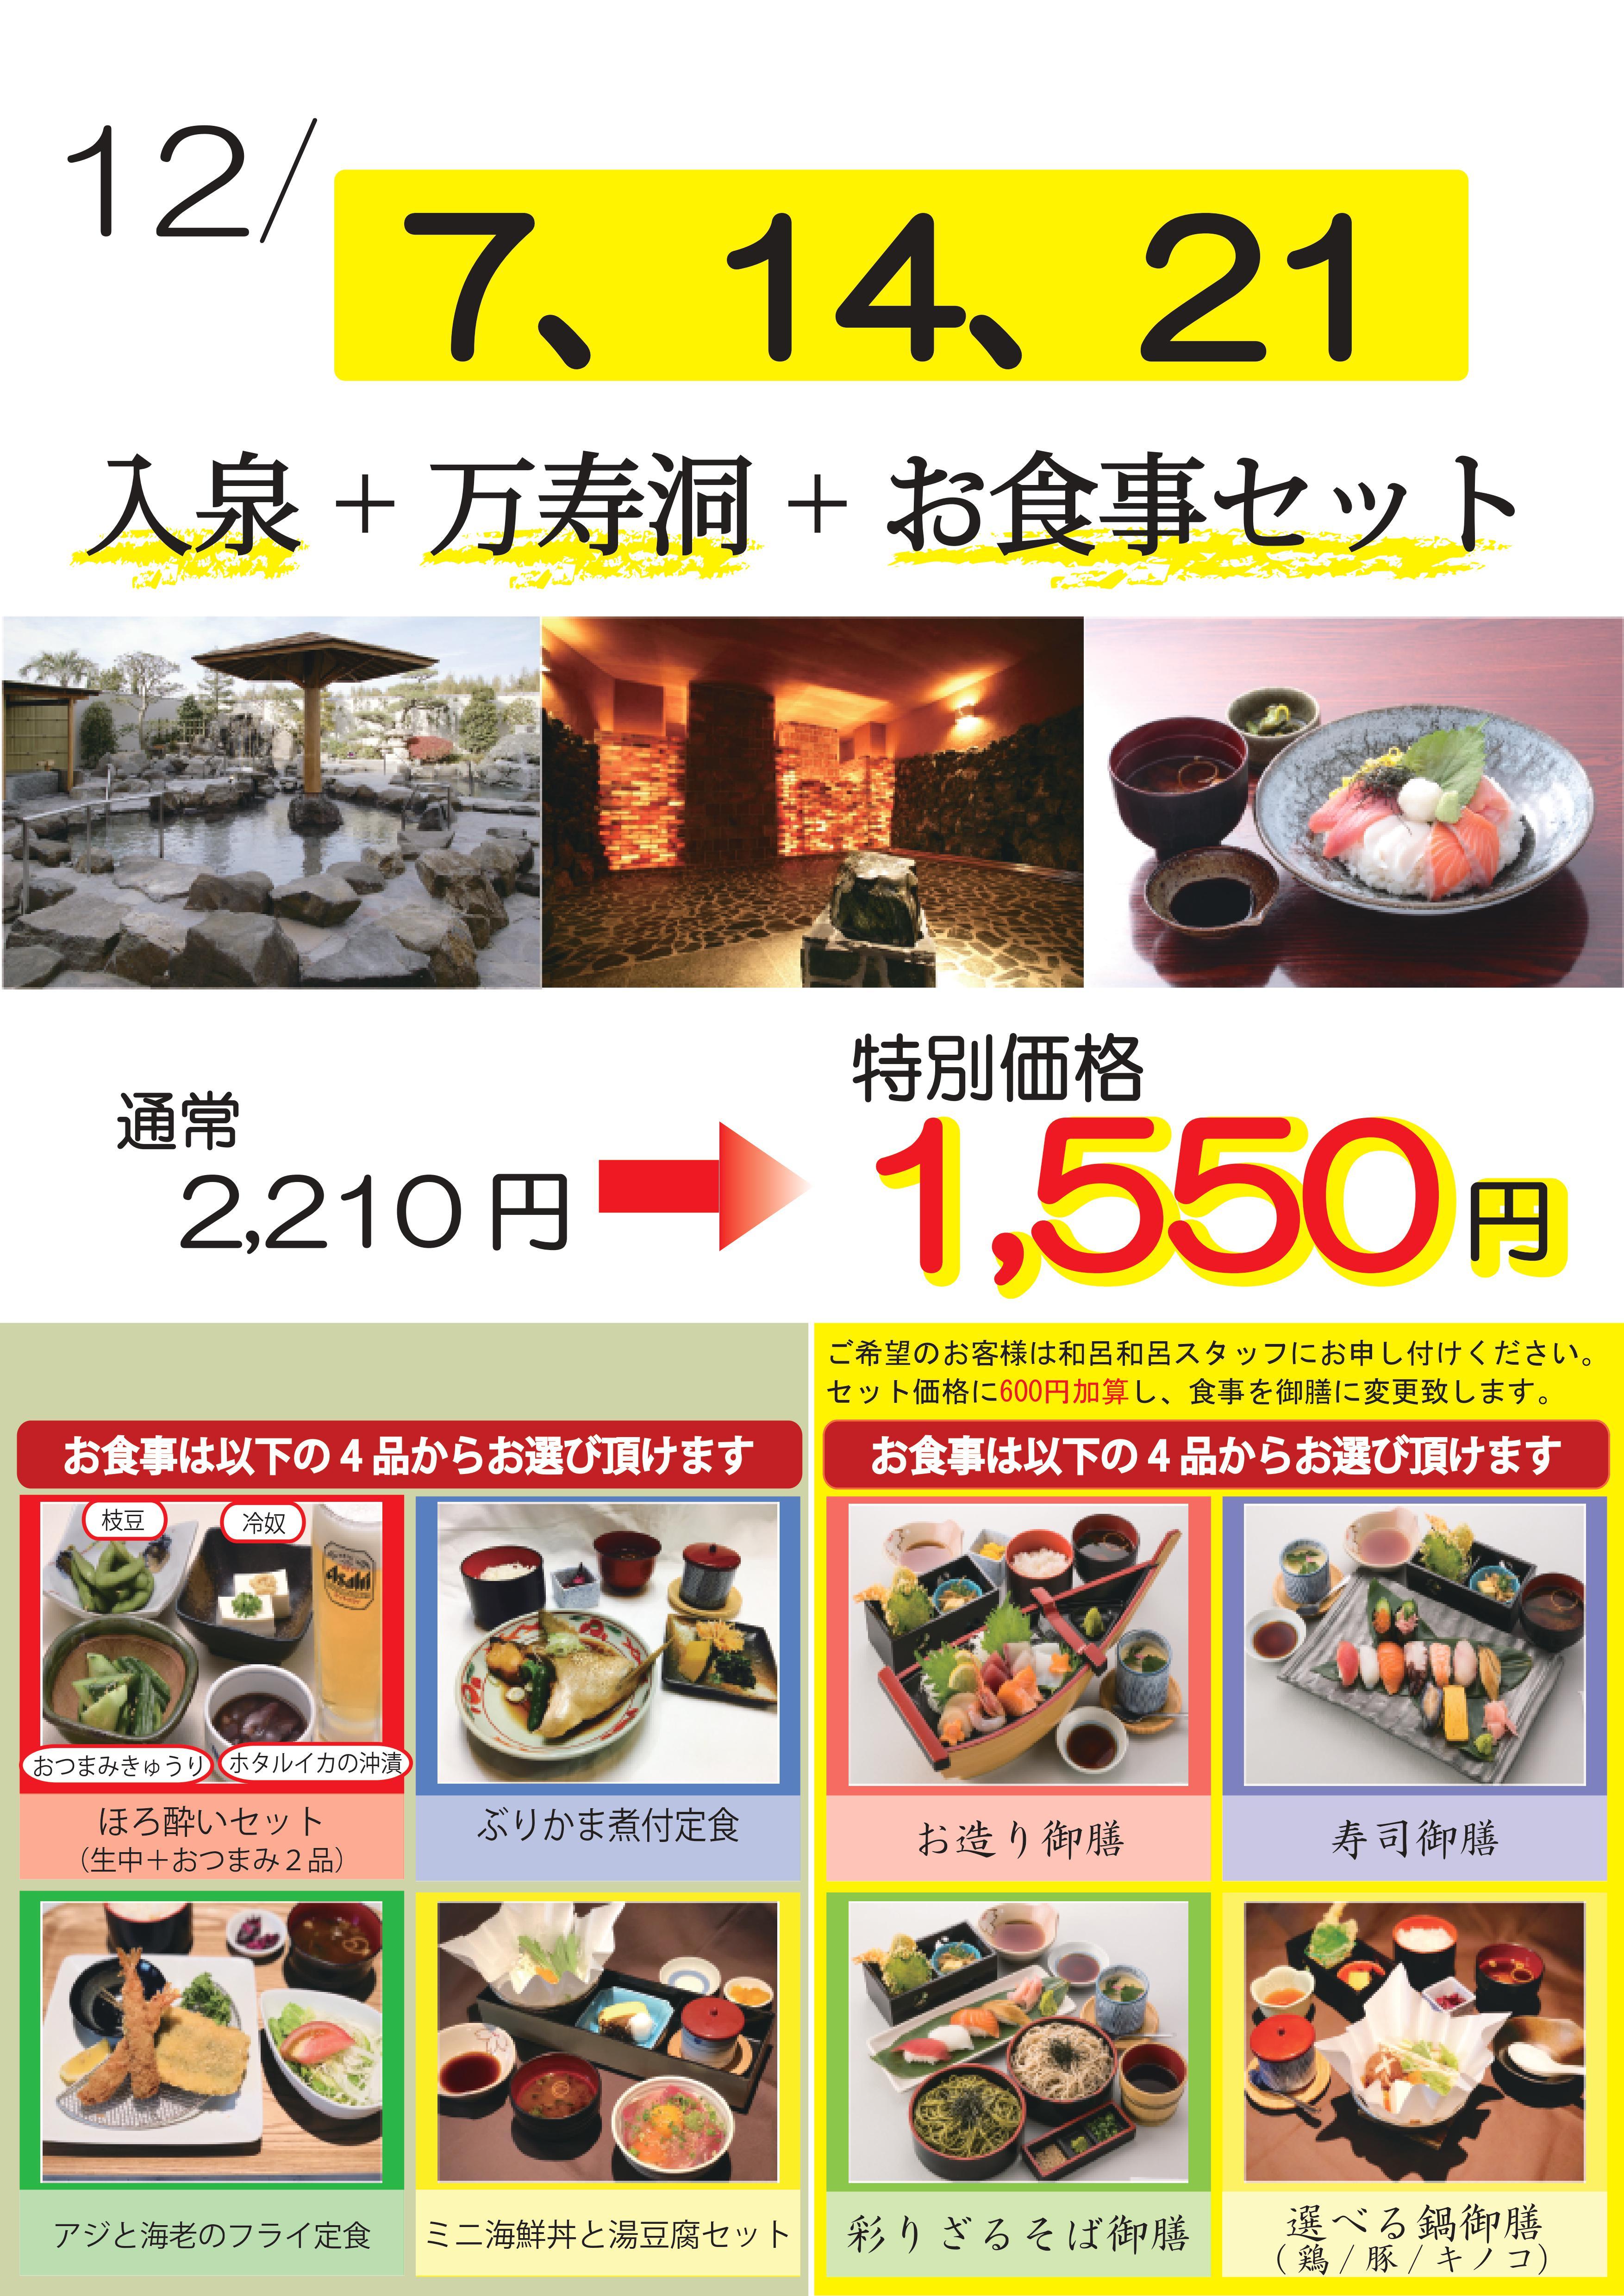 入泉+万寿洞+お食事セット